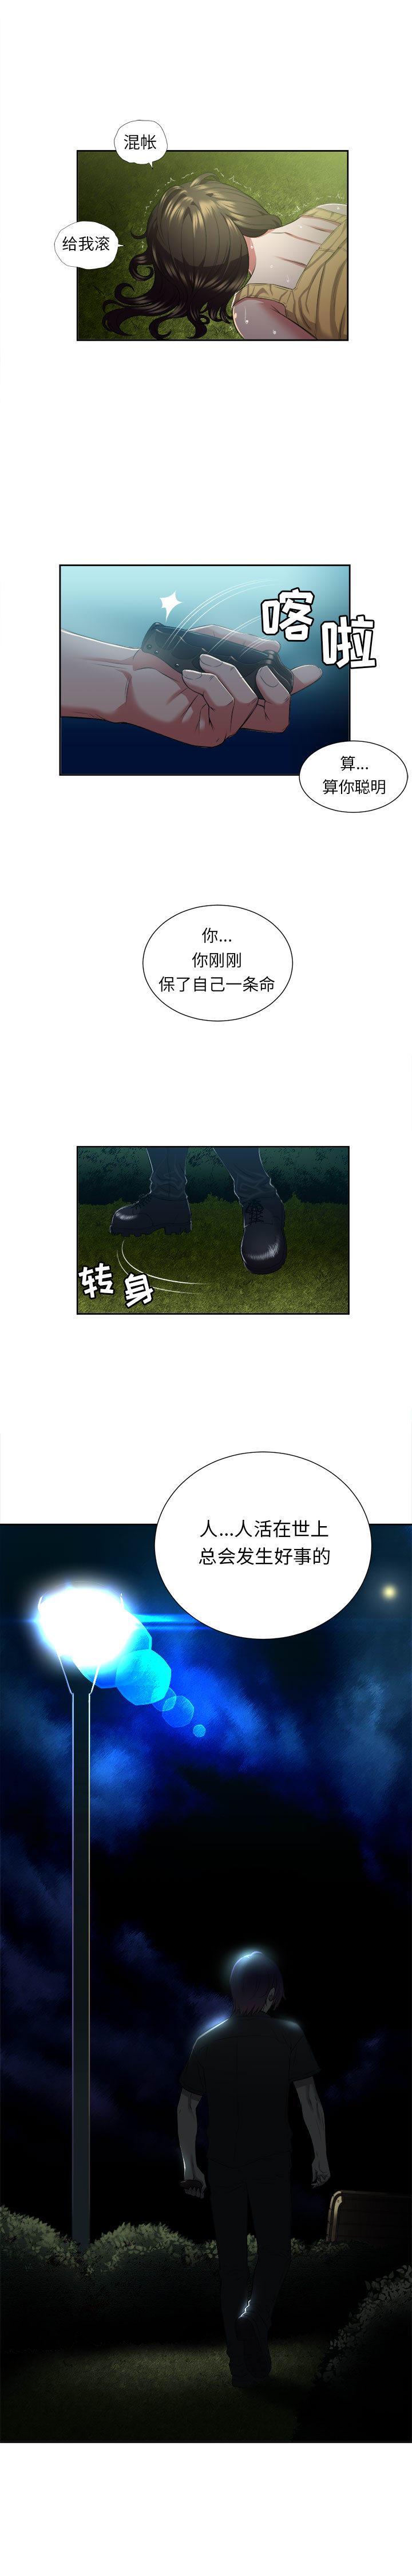 由莉的秘密1-60 中文翻译 (更新中) 121